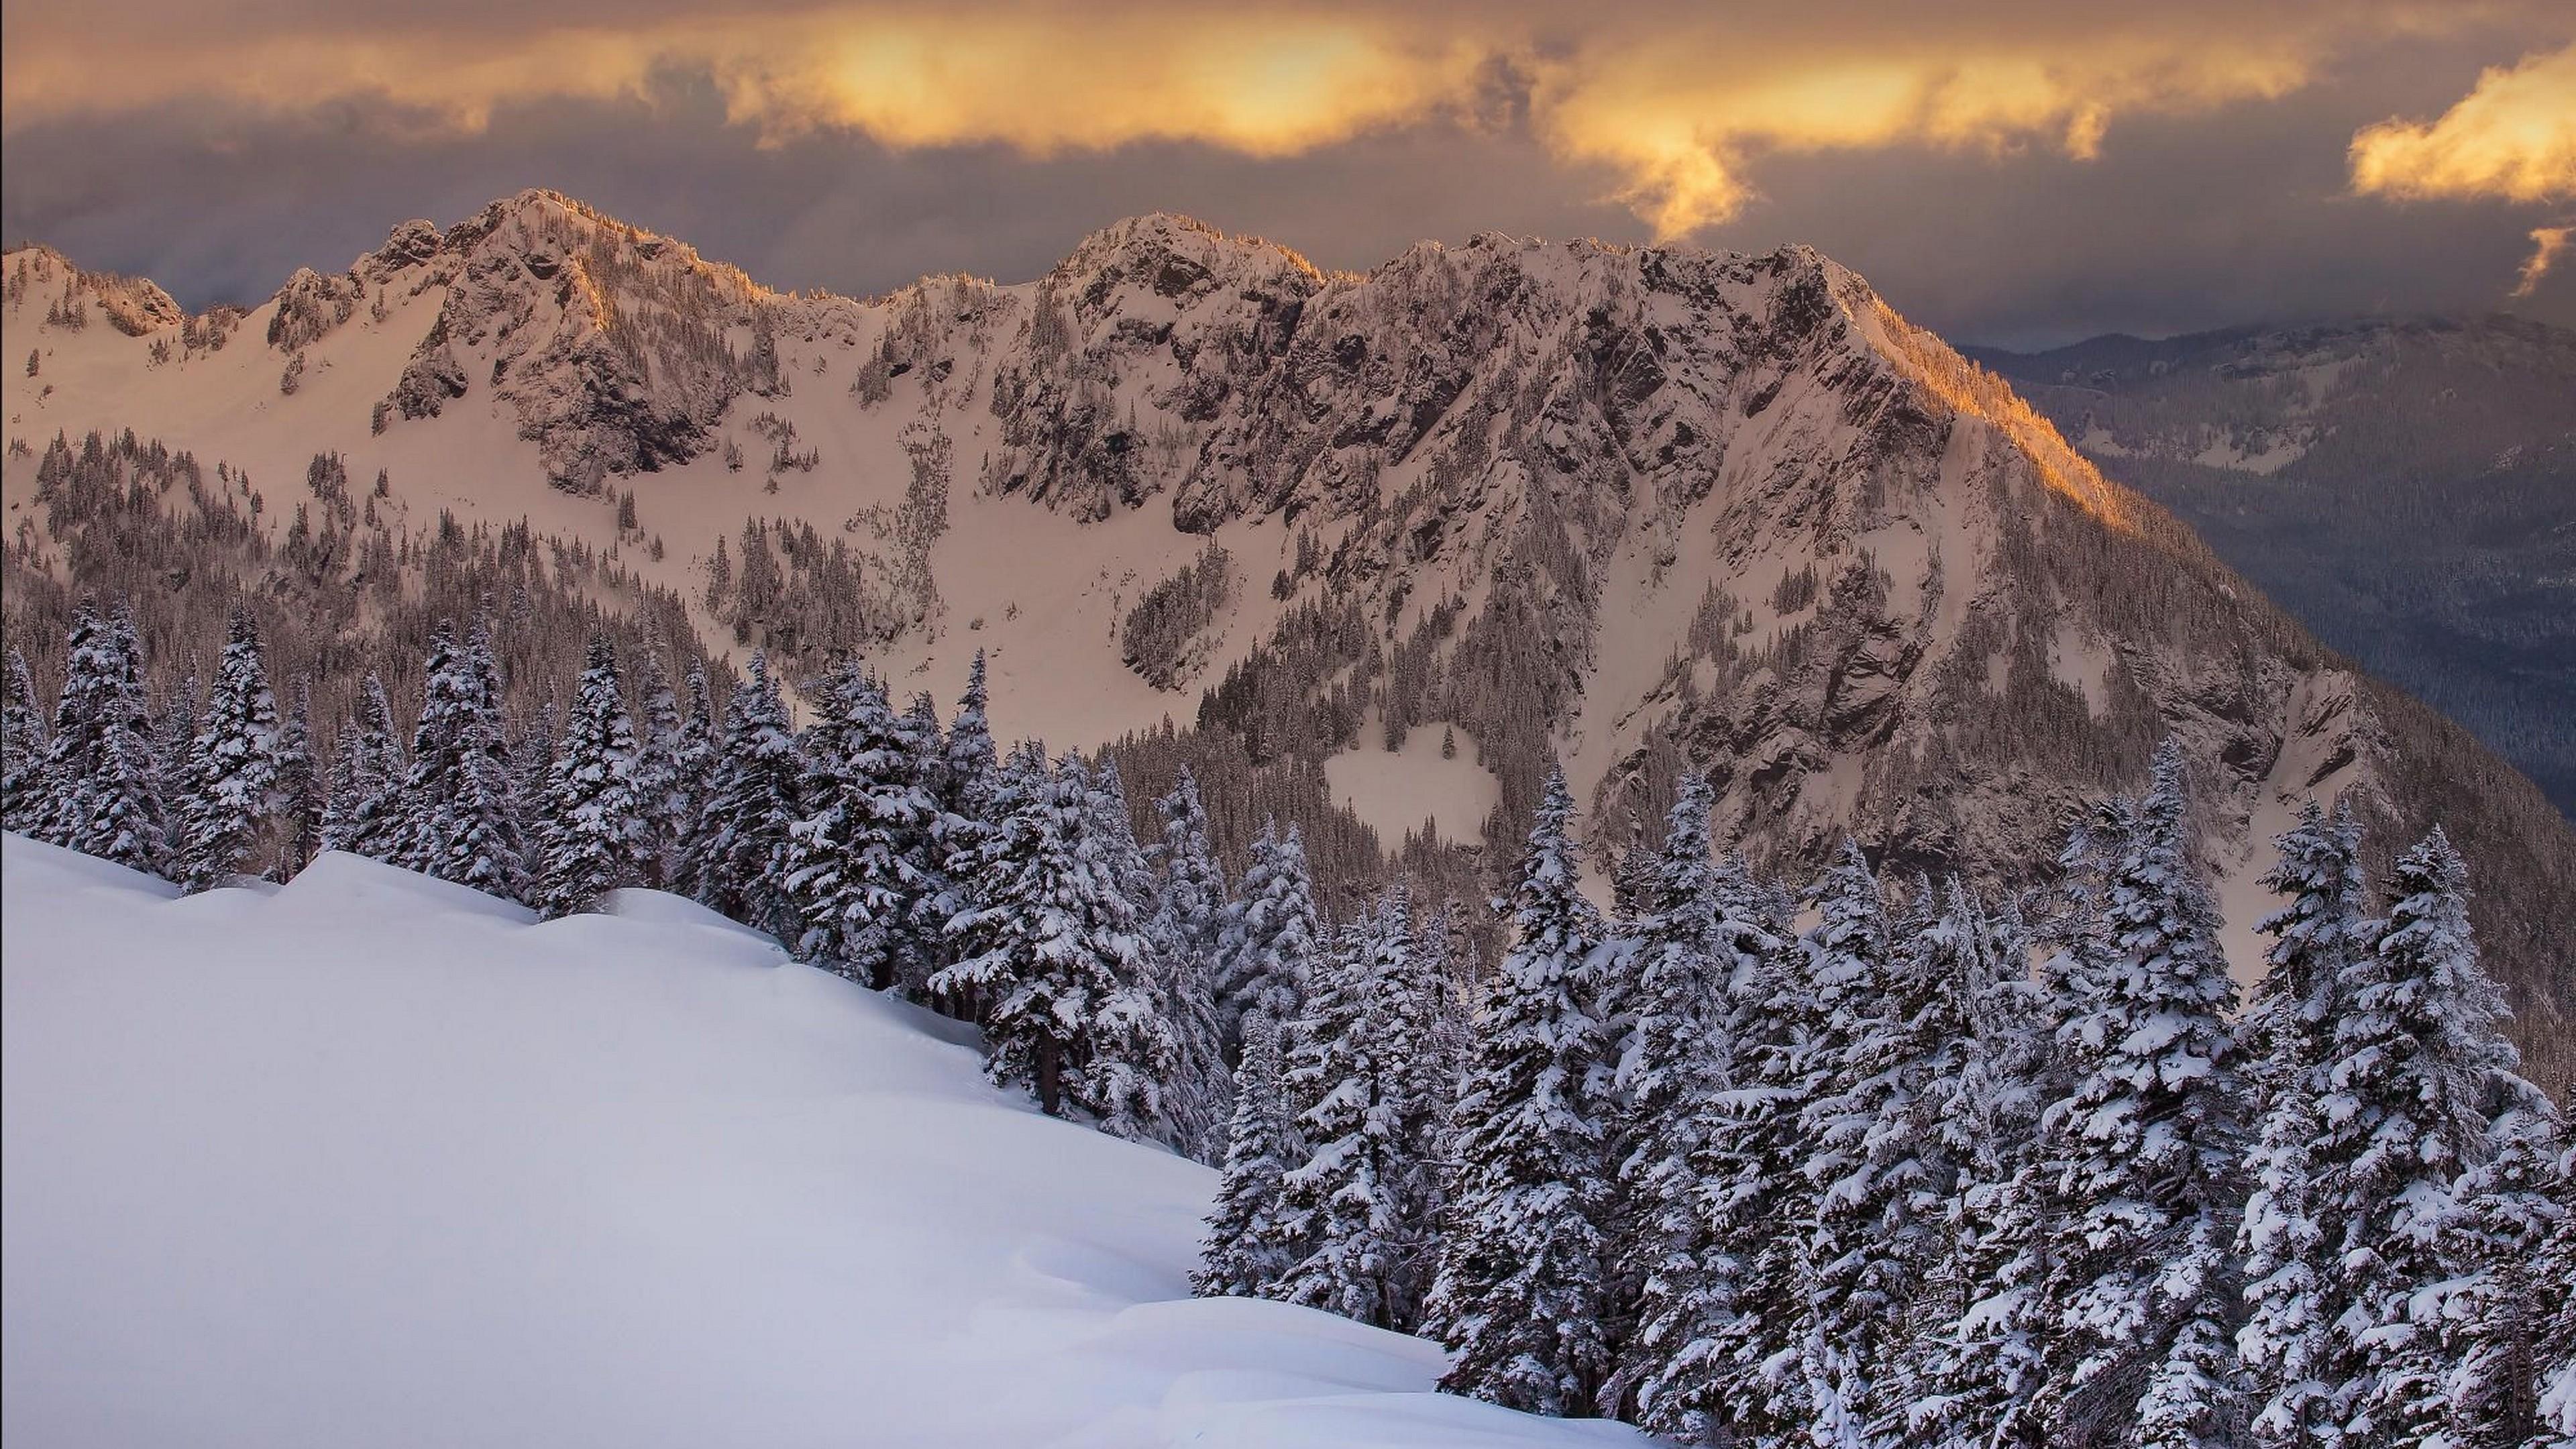 природа зима снег горы скалы деревья  № 2781243 загрузить